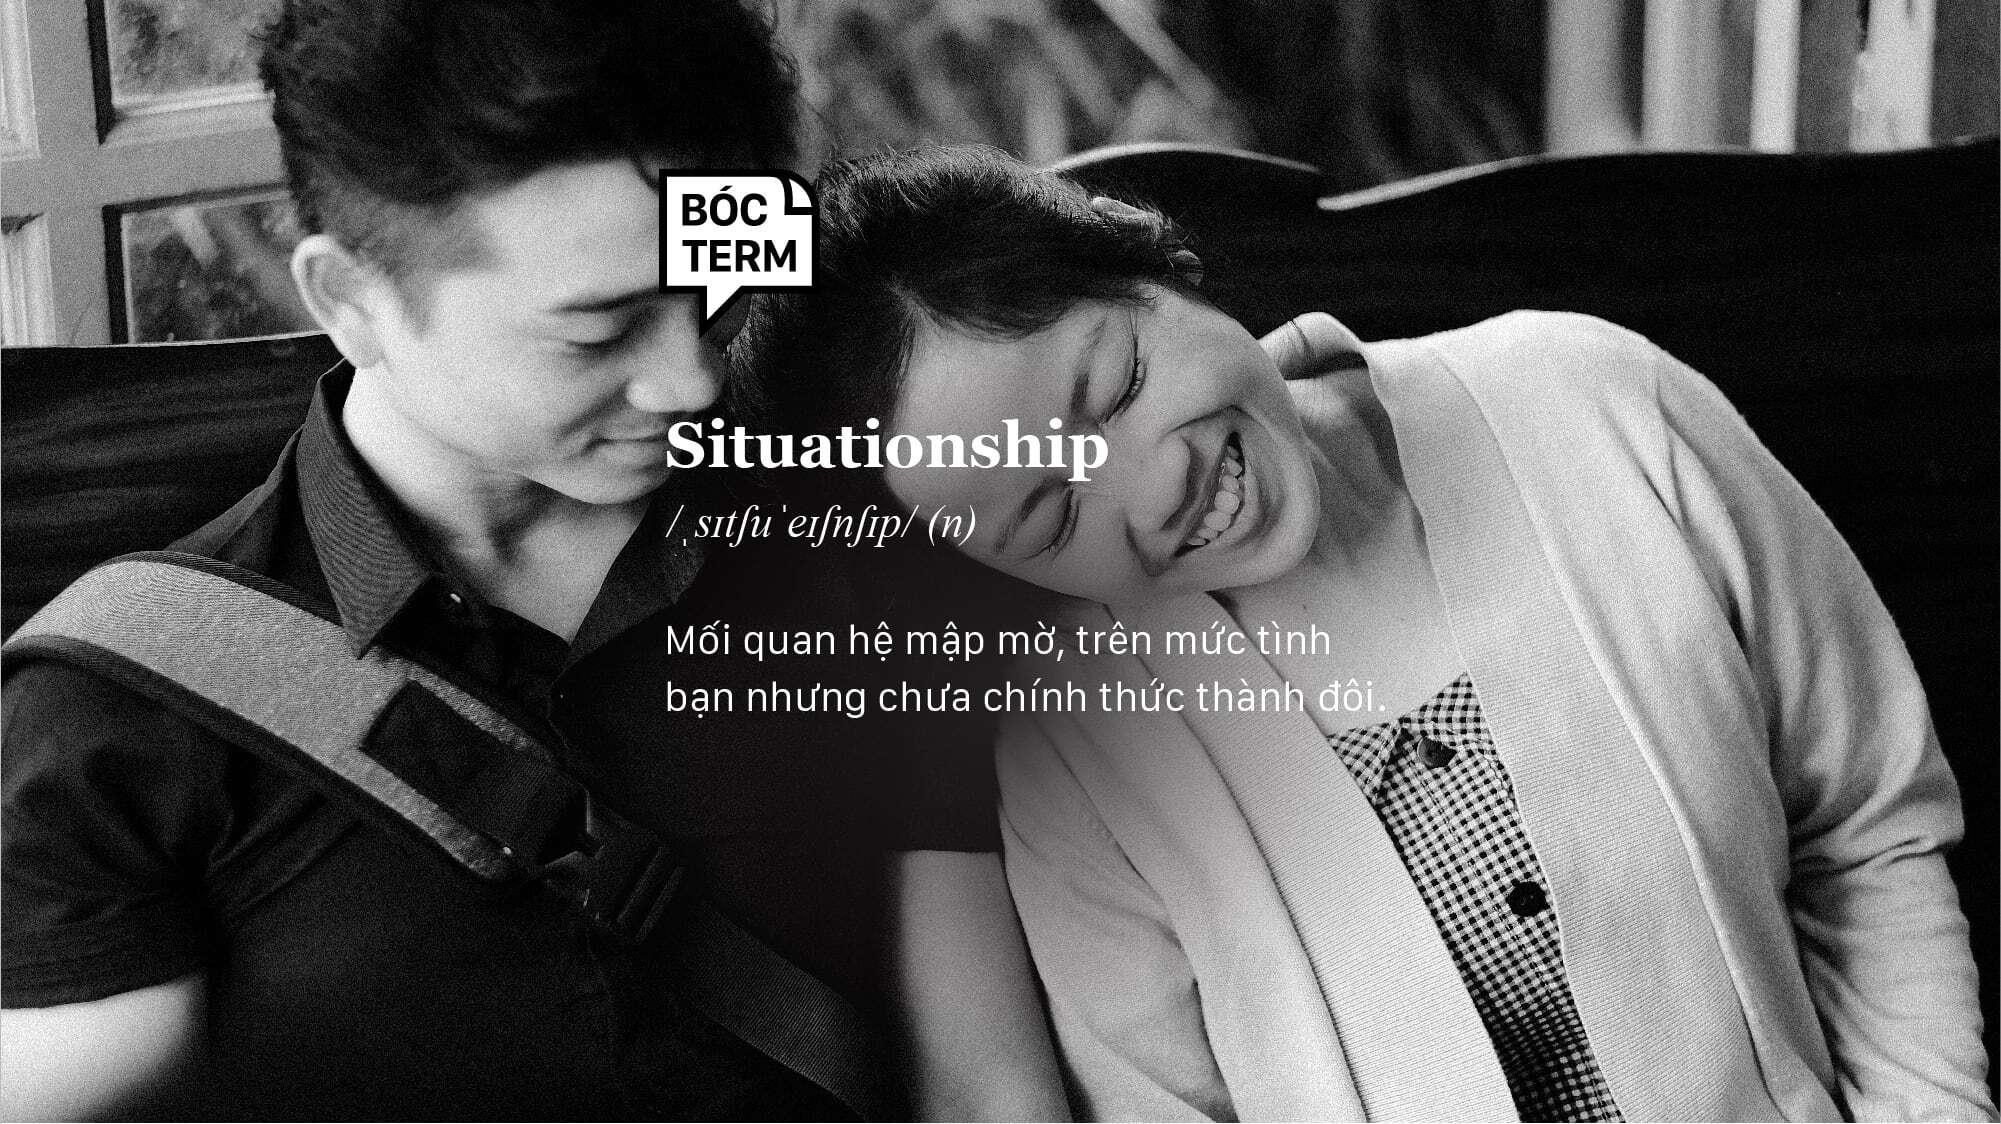 """Bóc Term: Situationship - Bạn và người ấy có phải """"cặp đôi hoàn cảnh"""" không?"""